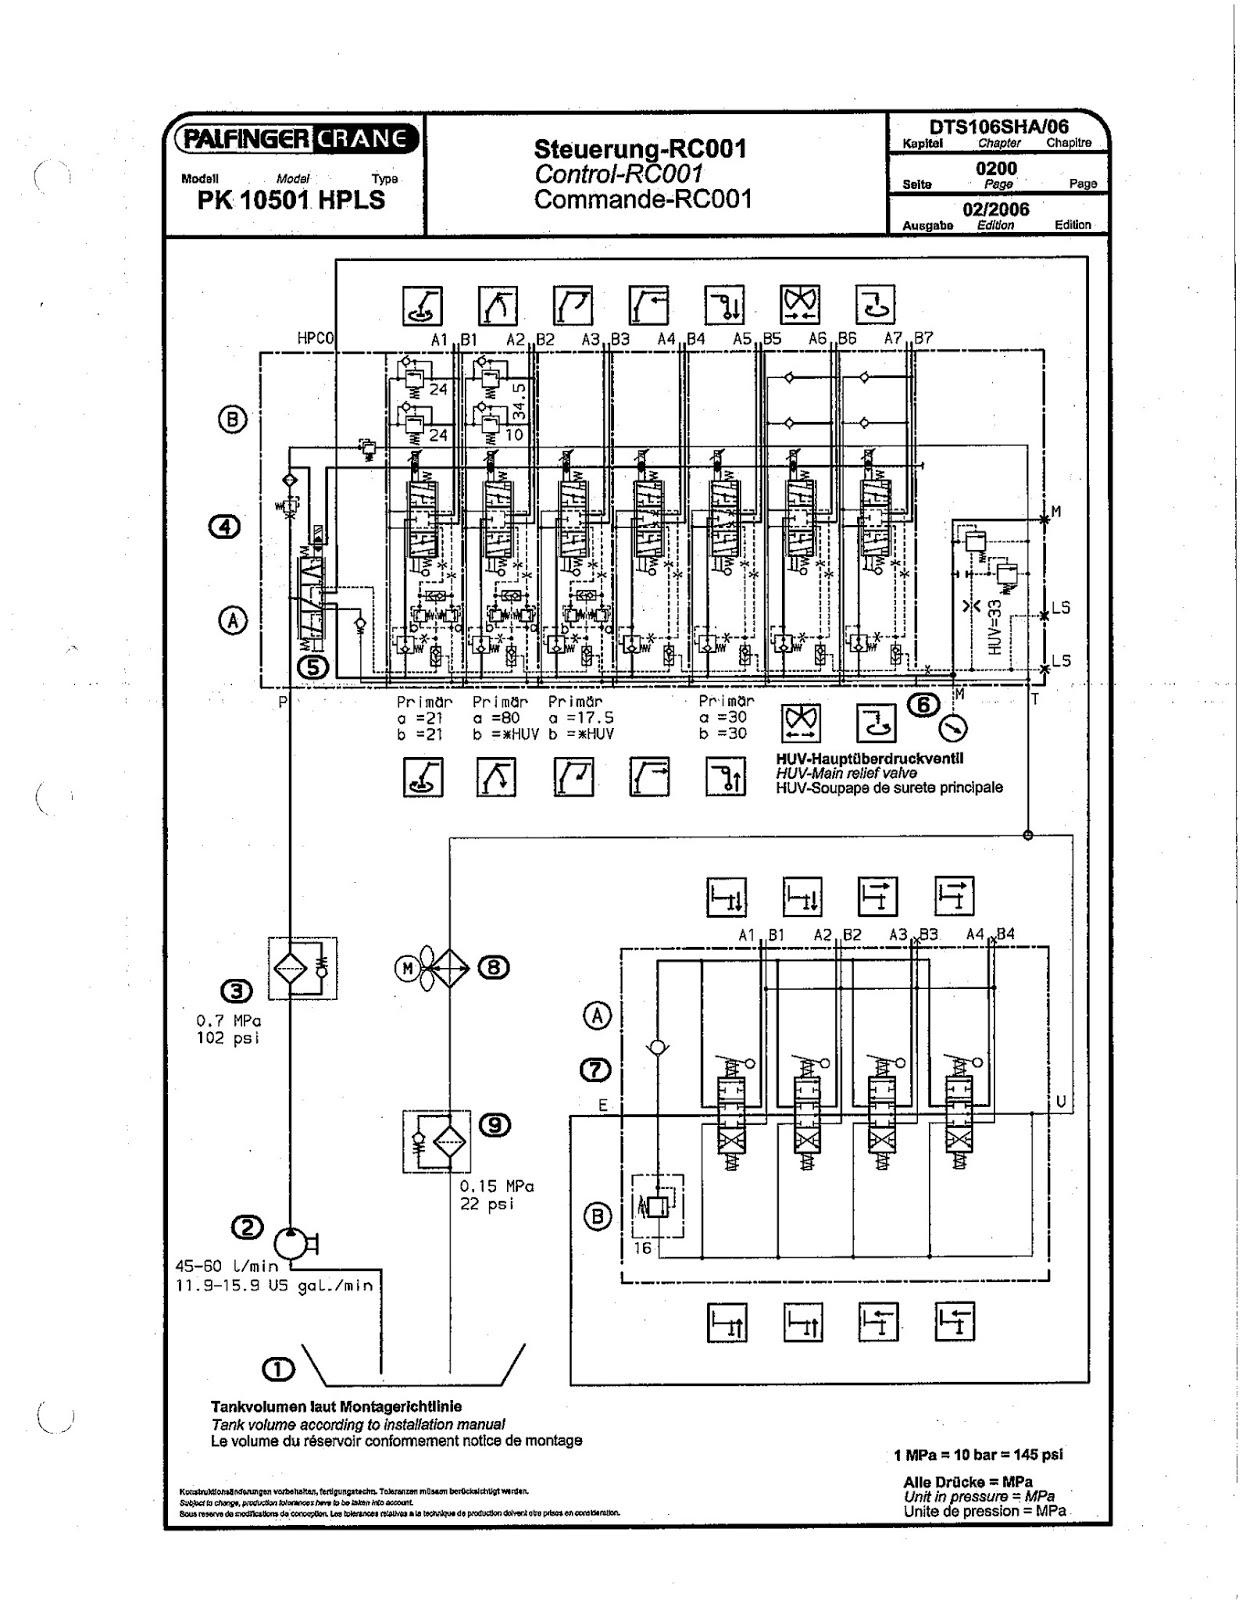 принципиальная схема крана кс5363б